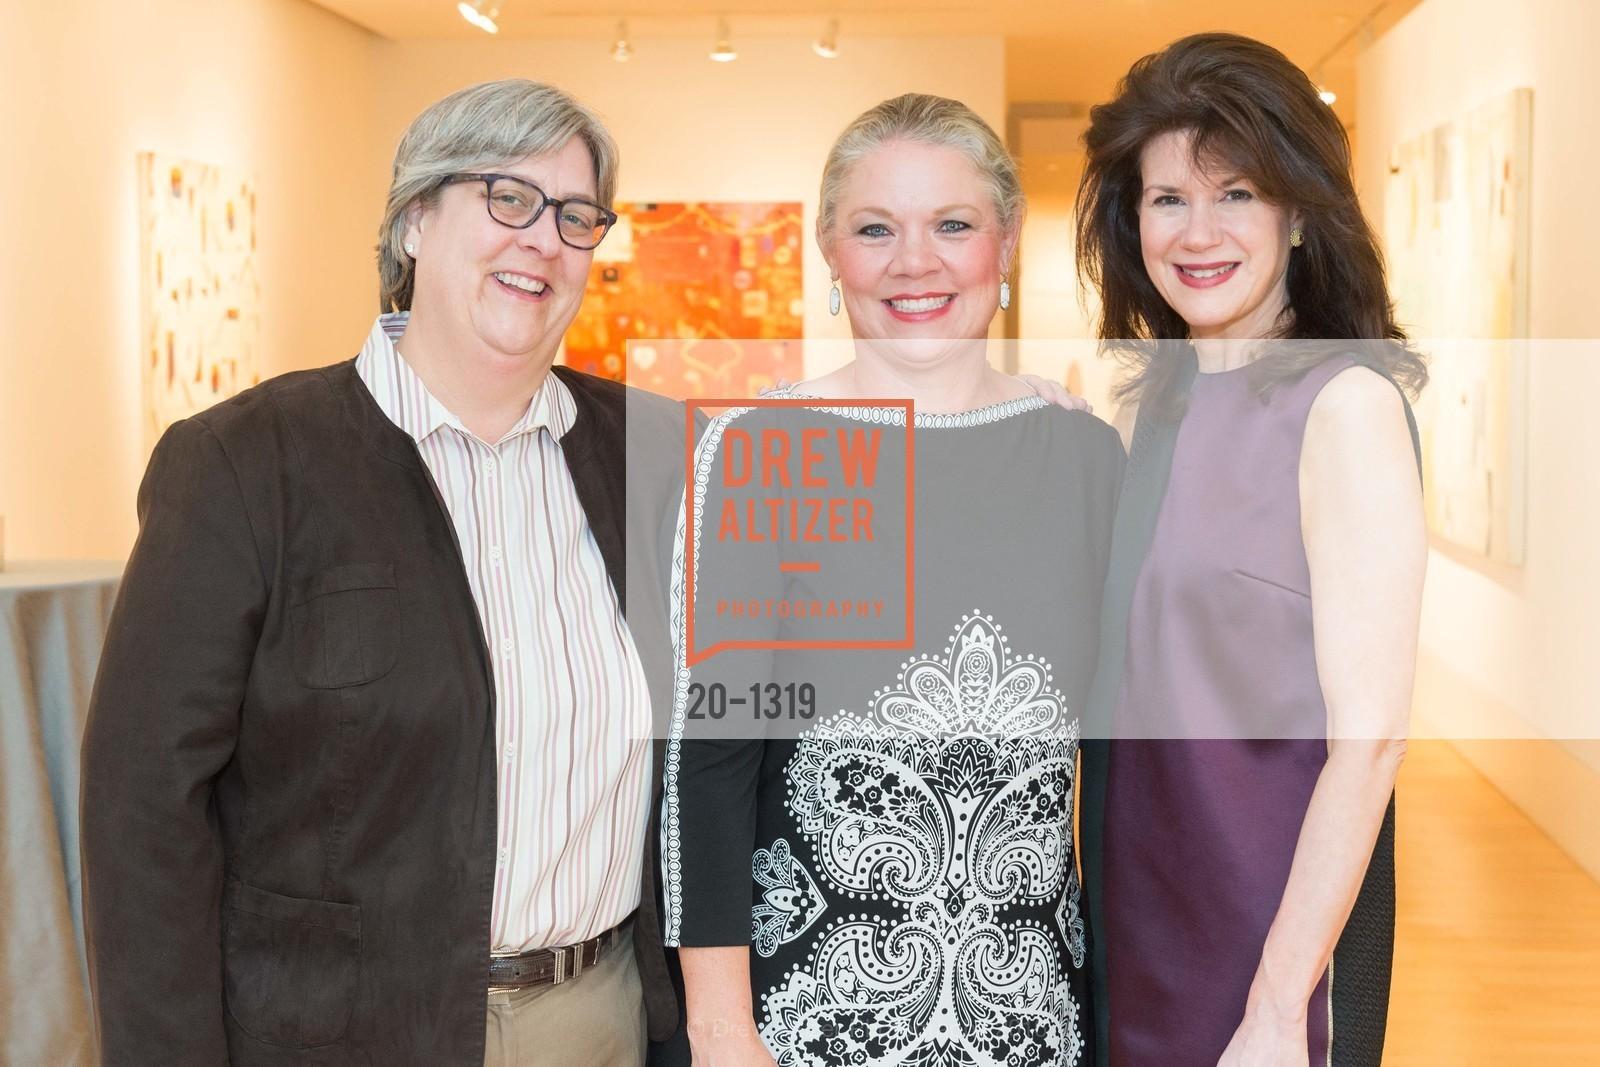 Mary Ben Ramsey, Katie Ray Jones, Elaine Mellis, Photo #20-1319